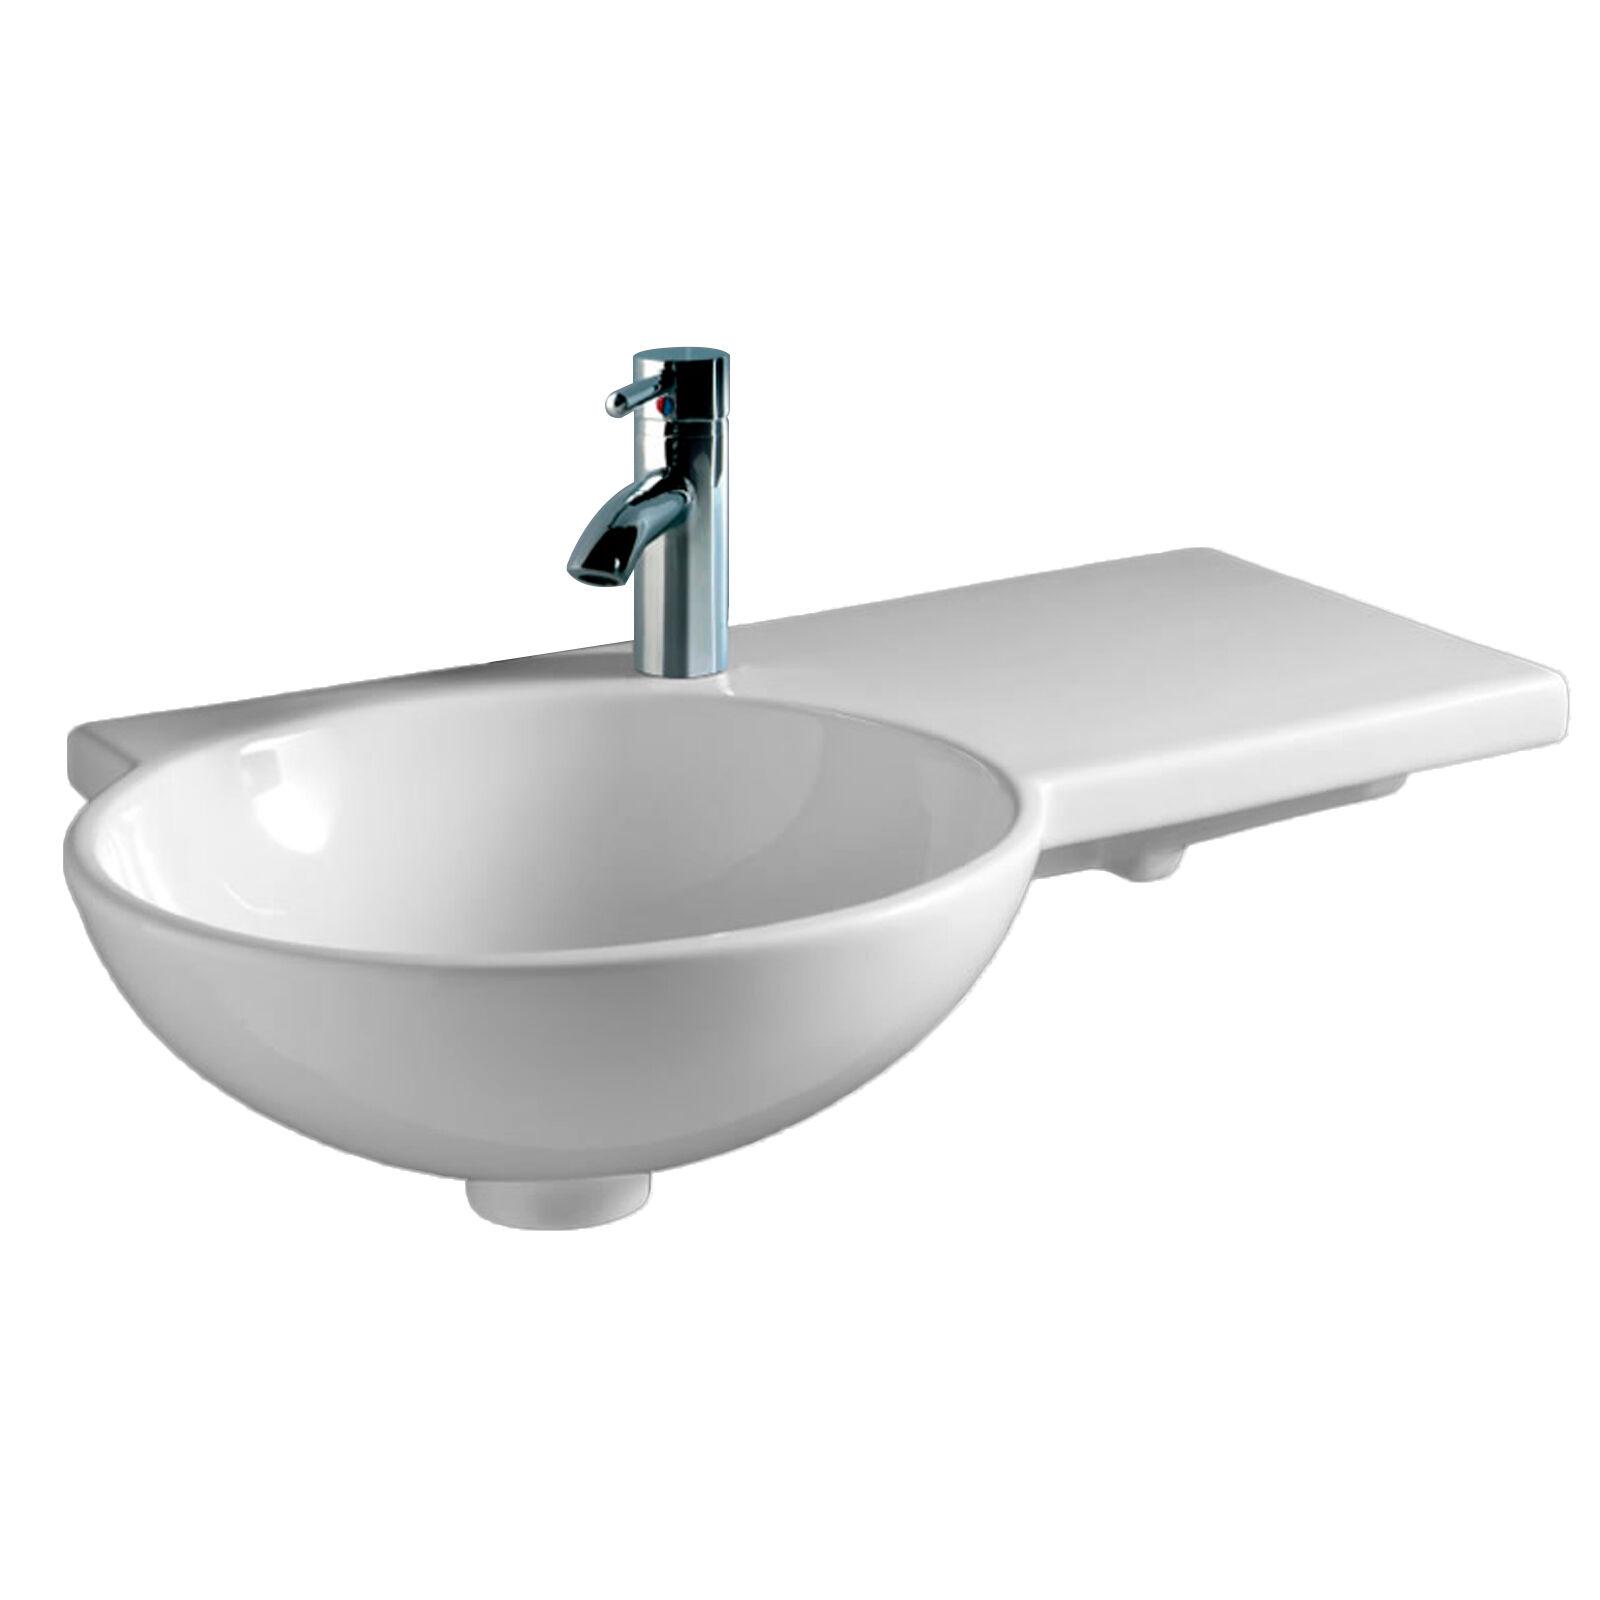 Lavabo design asimmetrico sospeso con vasca decentrata sinistra 67.5 cm ceramica